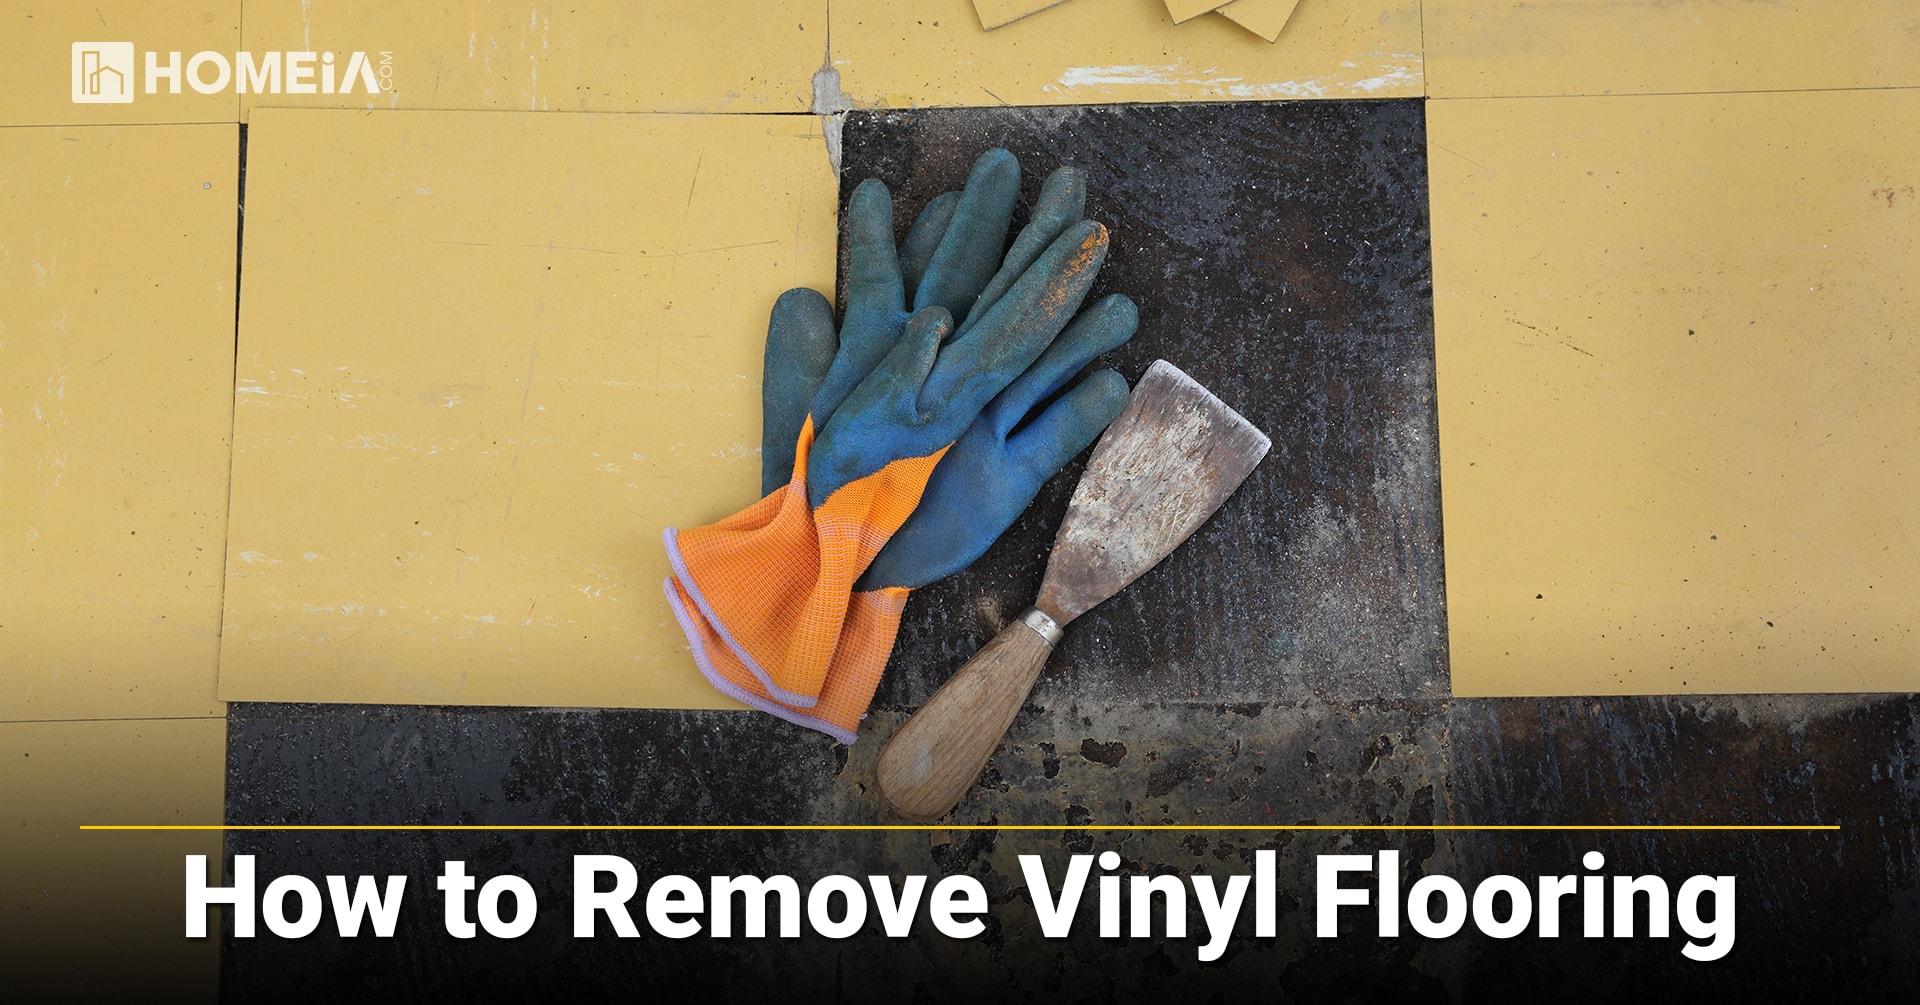 How to Remove Vinyl Flooring